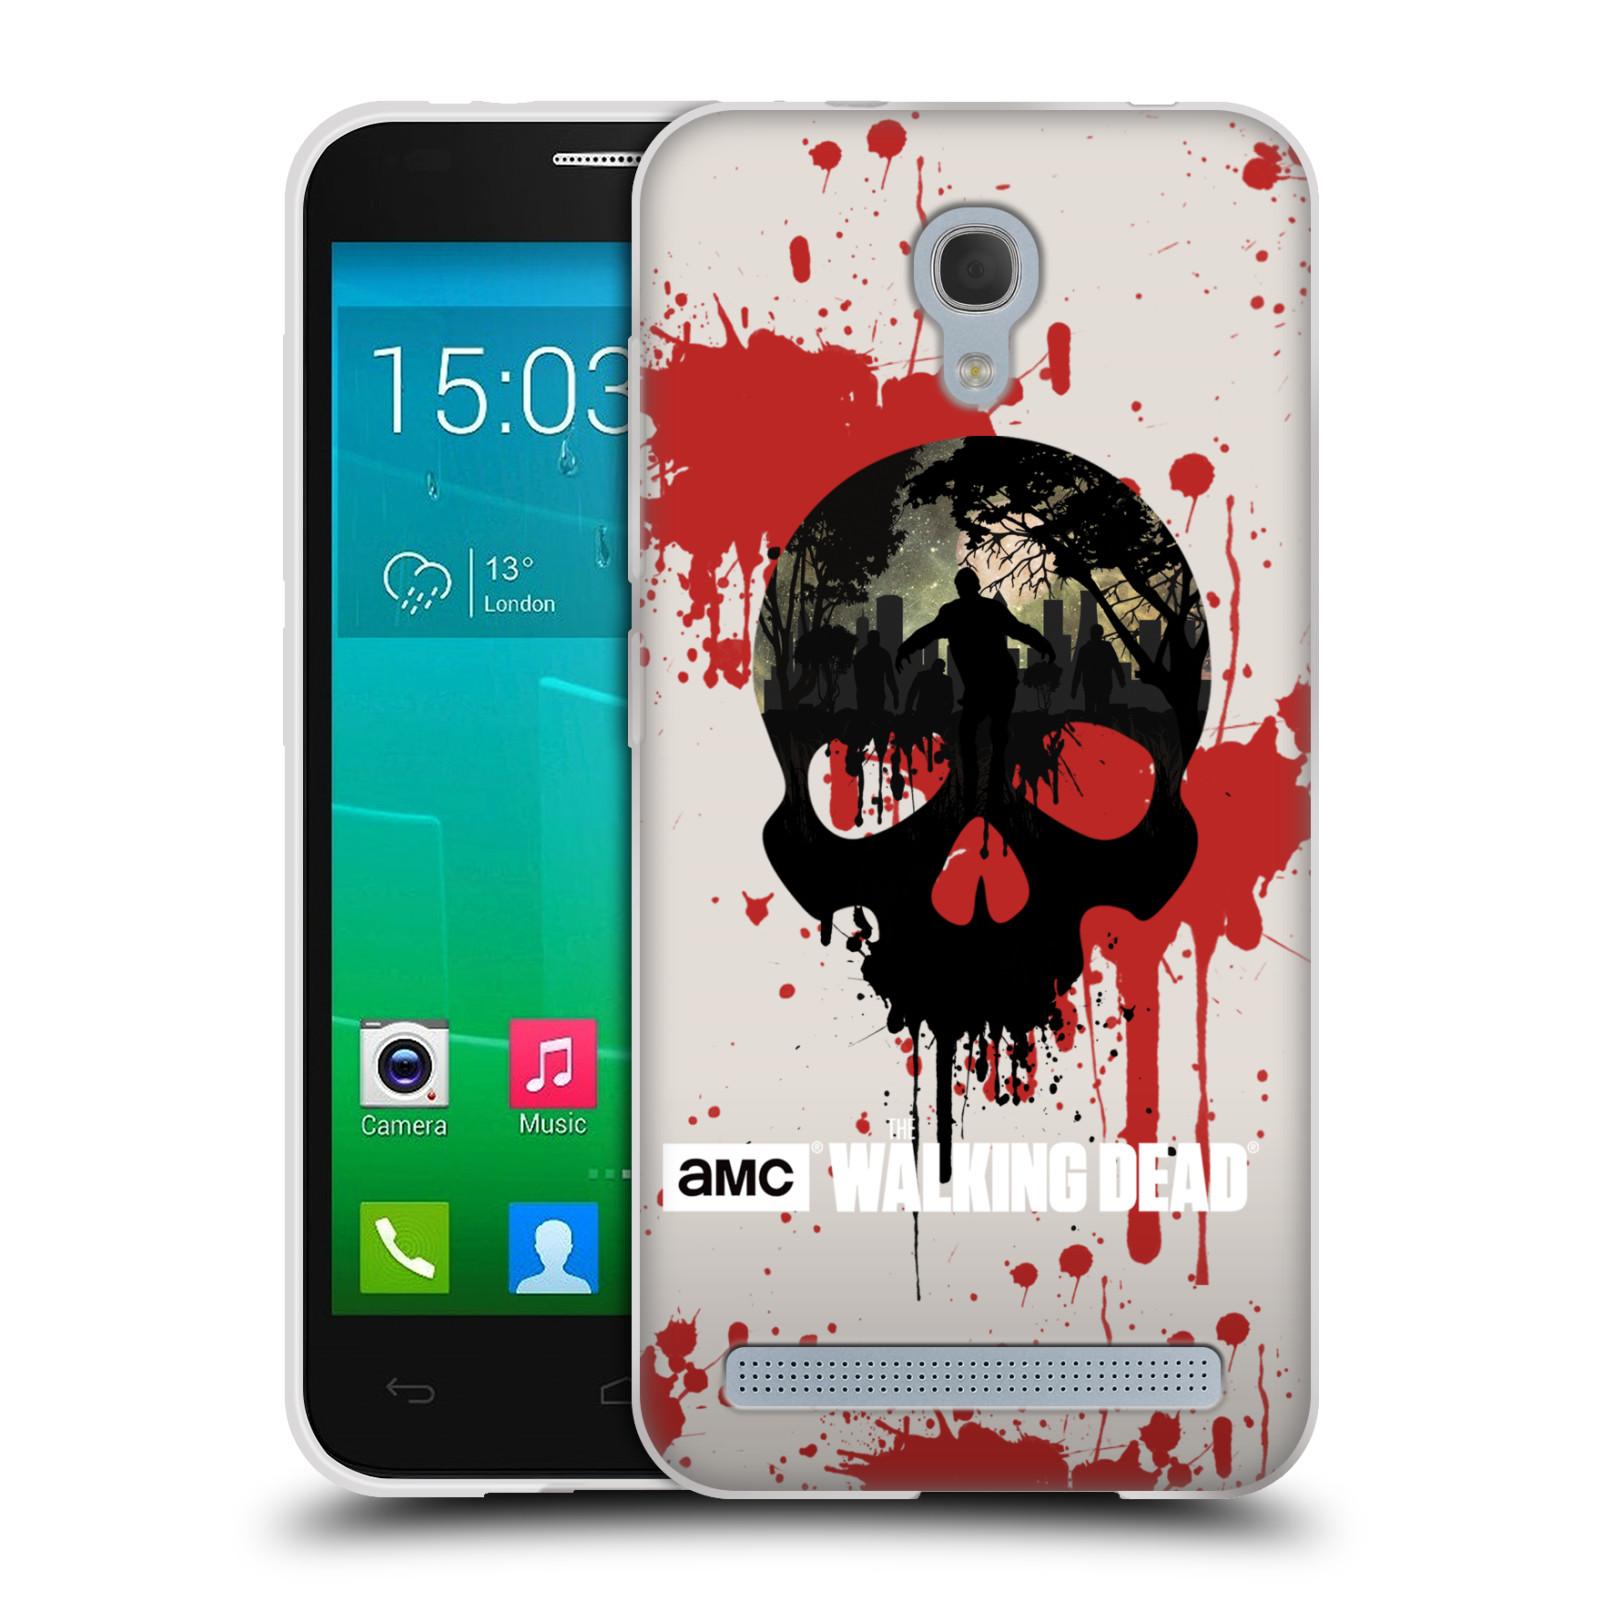 Silikonové pouzdro na mobil Alcatel One Touch Idol 2 Mini S 6036Y HEAD CASE Živí mrtví - Lebka (Silikonový kryt či obal na mobilní telefon s licencovaným motivem Živí mrtví / The Walking Dead pro Alcatel Idol 2 Mini S OT-6036Y)